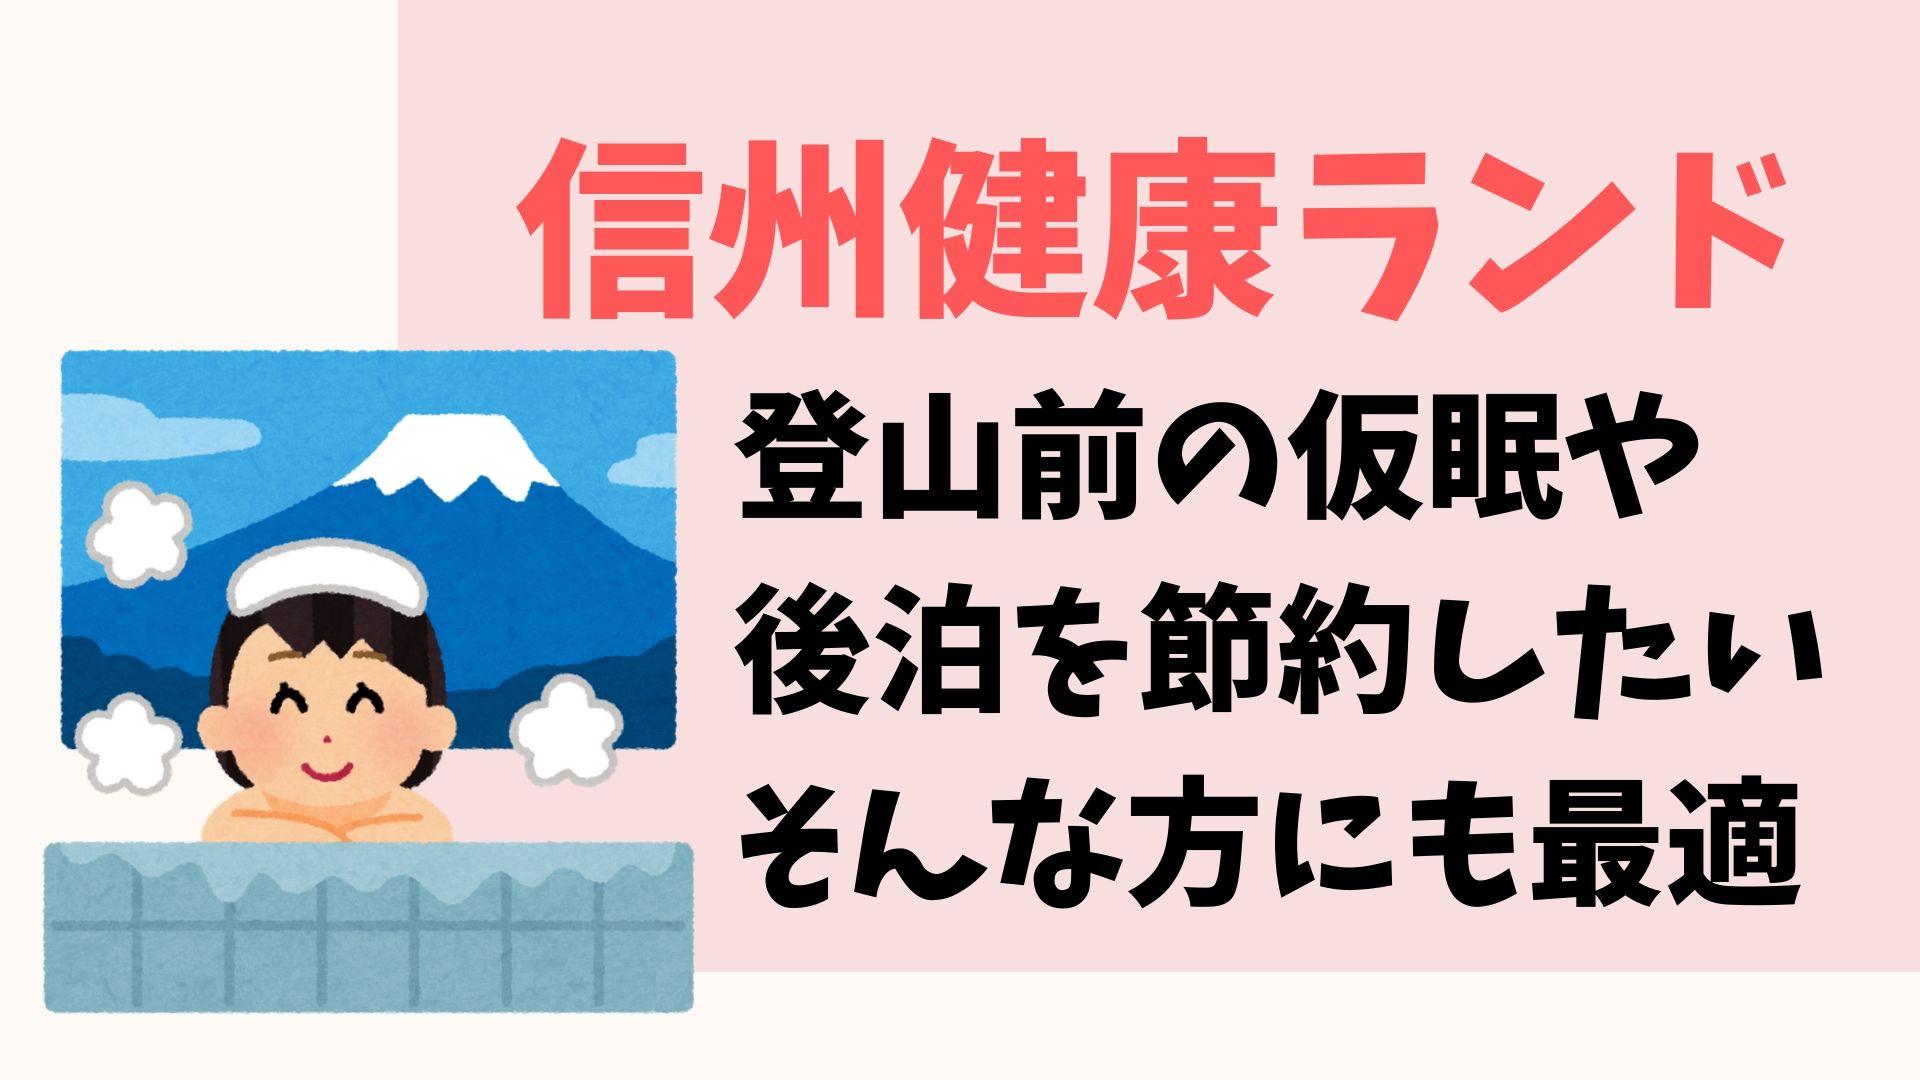 befe3704938bdfa02b9d5fd3c51b73a7 - 【信州健康ランド】車中泊より便利?24時間営業で入浴や仮眠が出来るスーパー銭湯